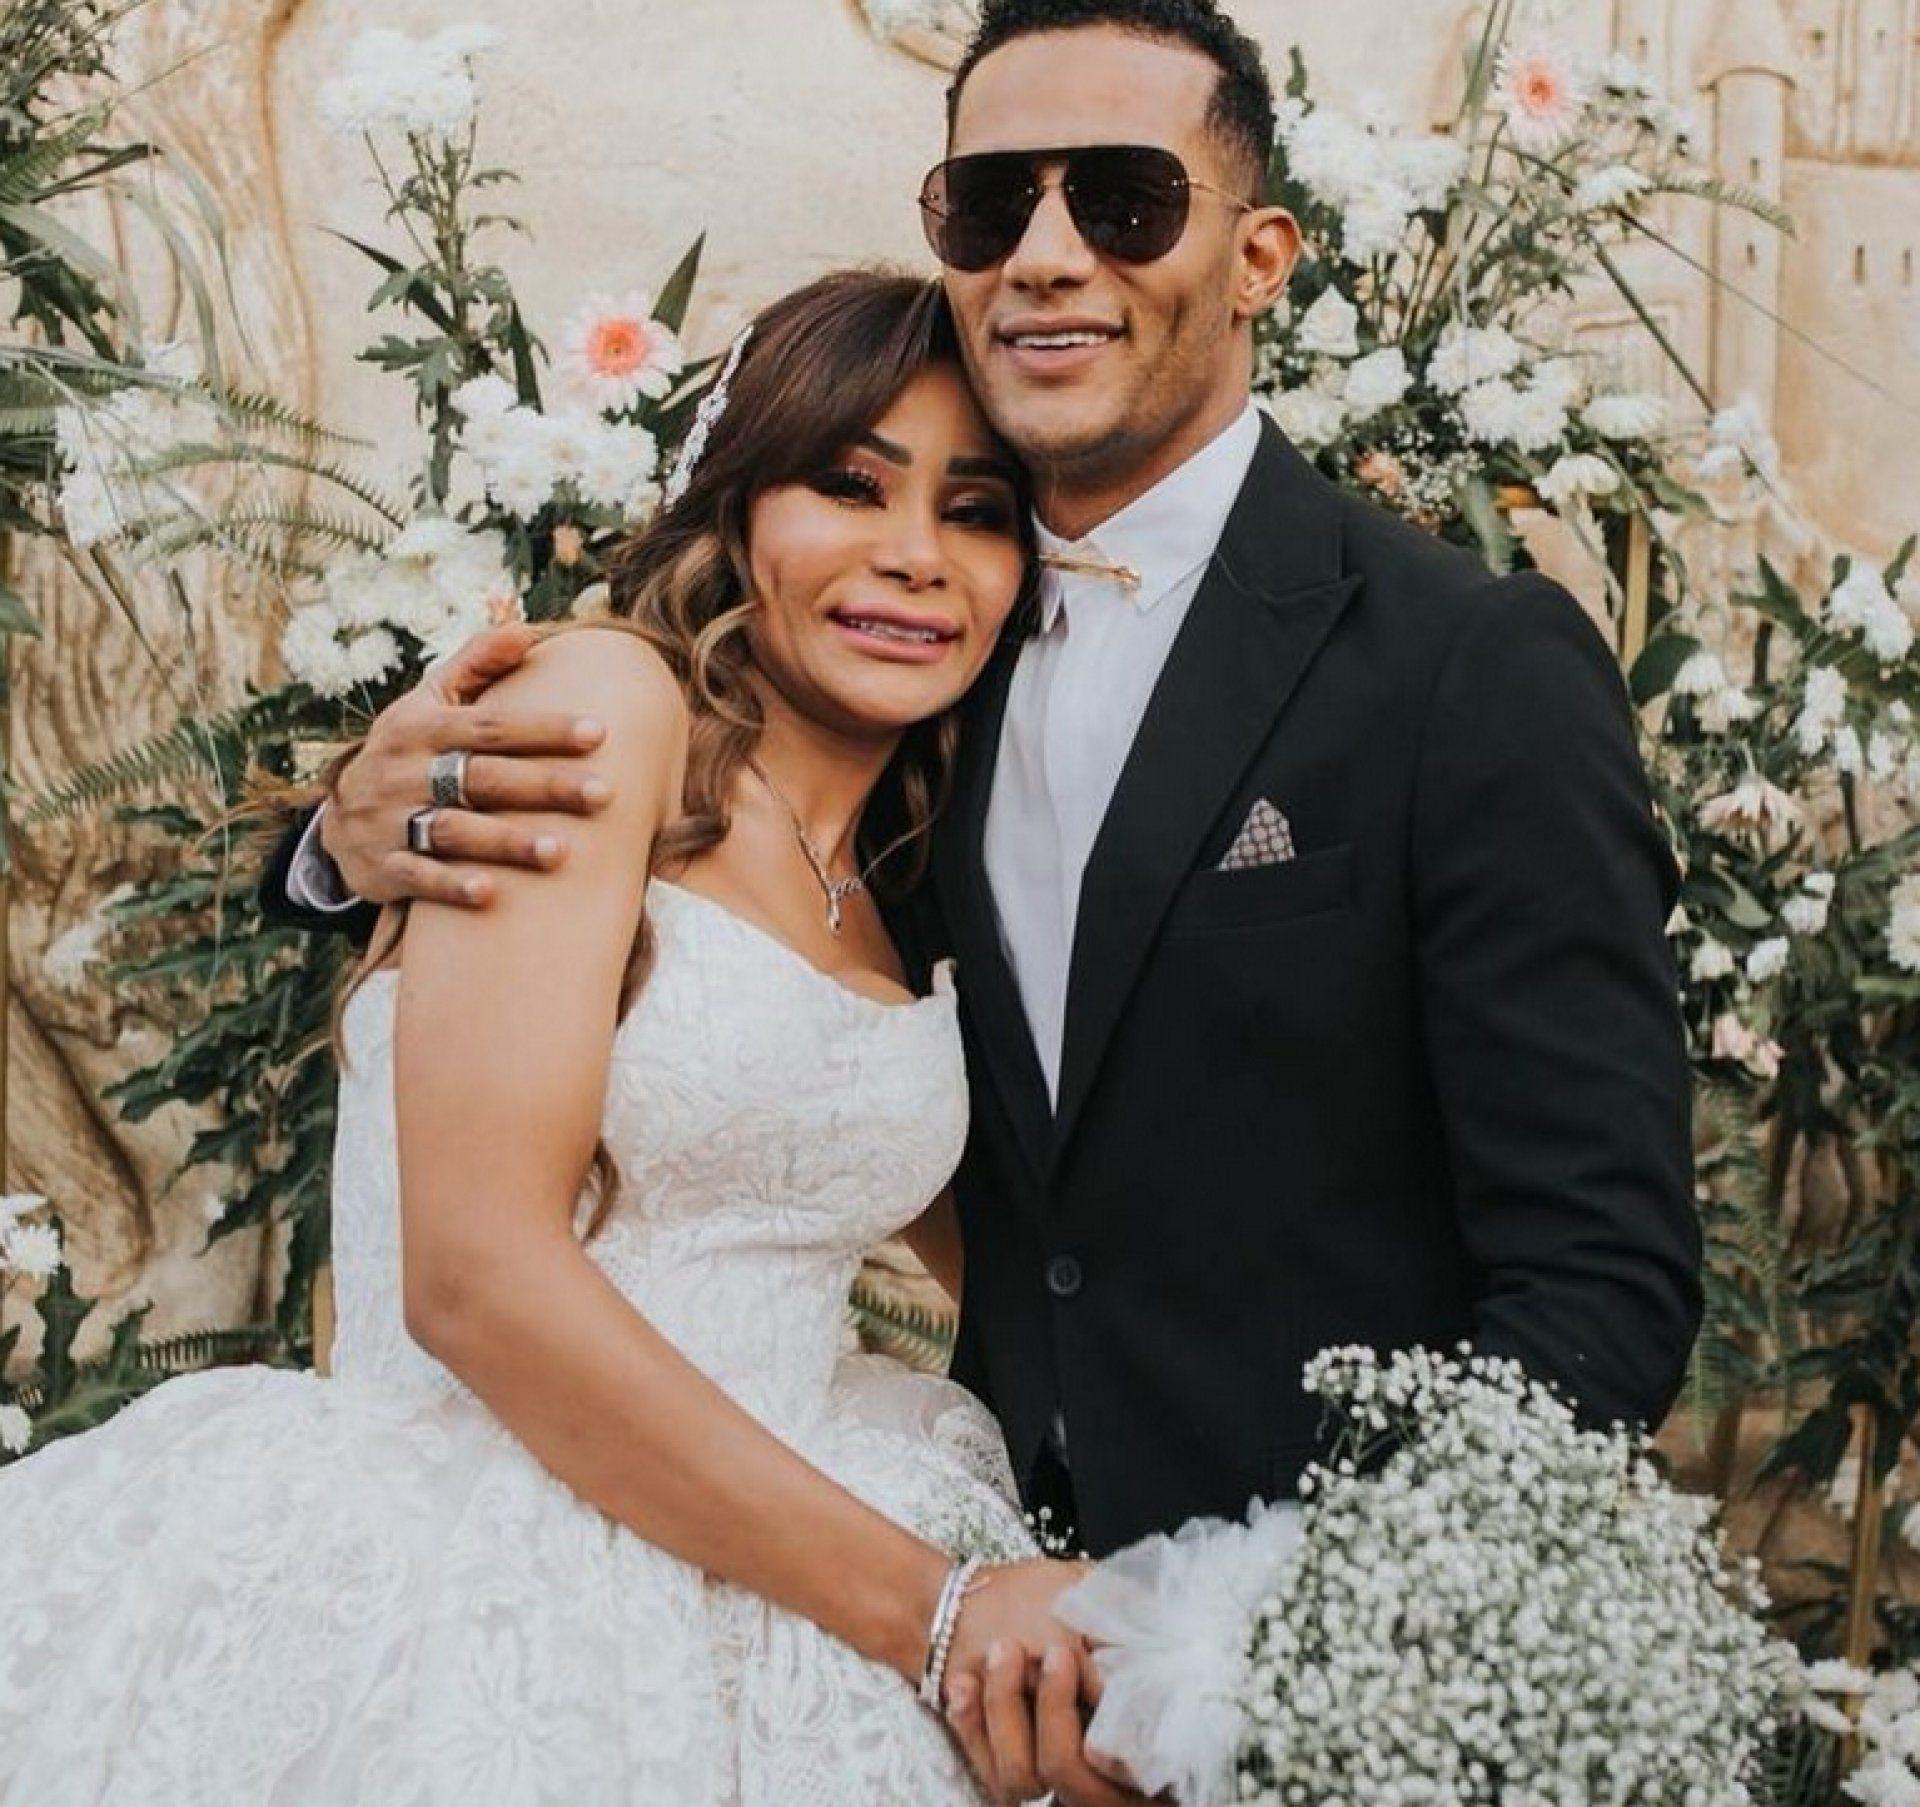 بالصورة تعرفوا إلى الزوج الأول لشقيقة محمد رمضان مجلة لها استعاد عدد من الحسابات الناشطة على تطبيق الصور والفيديوهات إنستغ Wedding Dresses Dresses Wedding